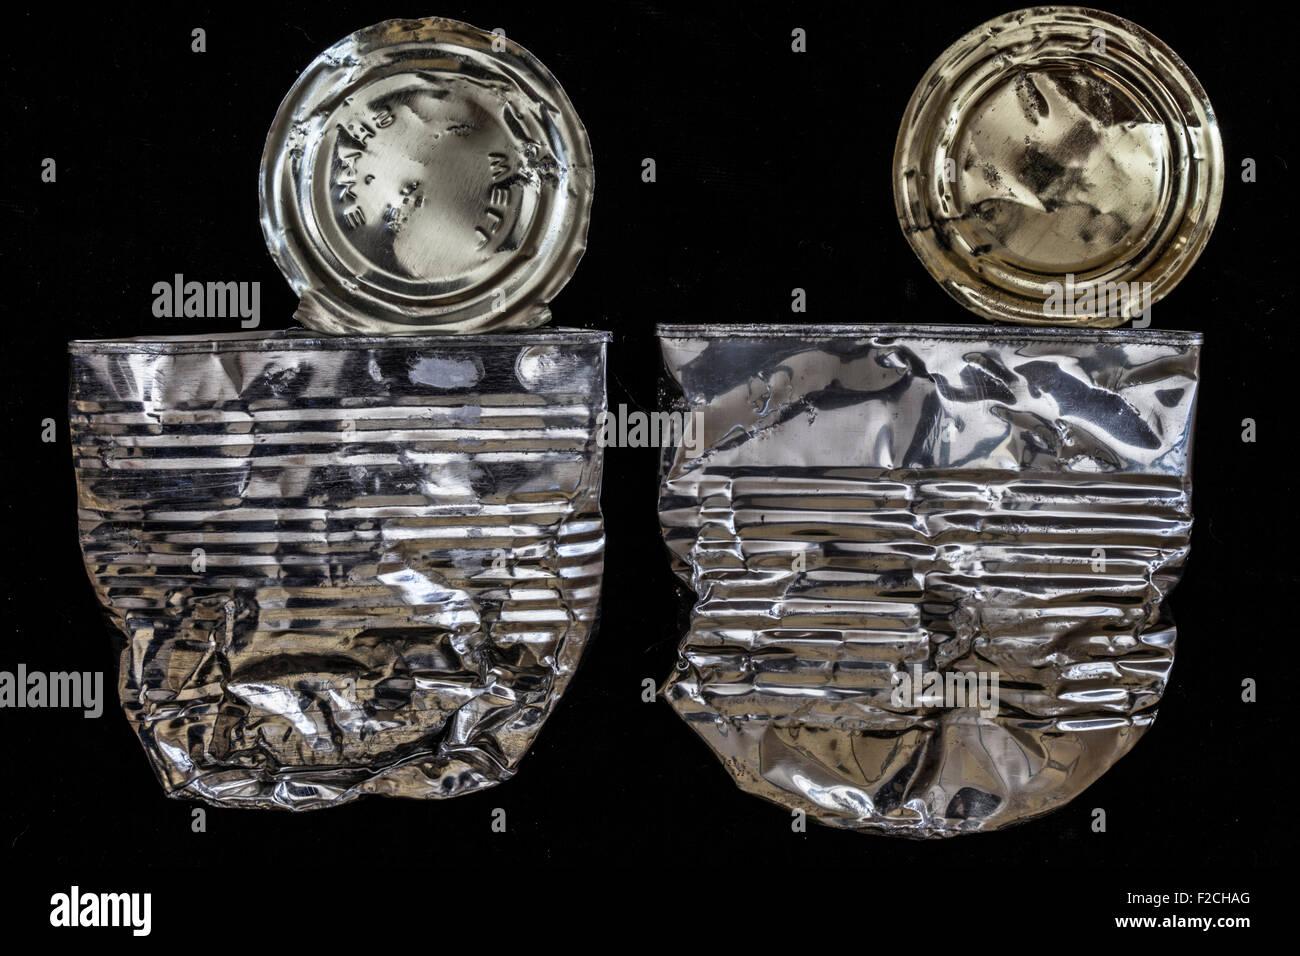 Deux canettes de métal aplati sur noir Photo Stock